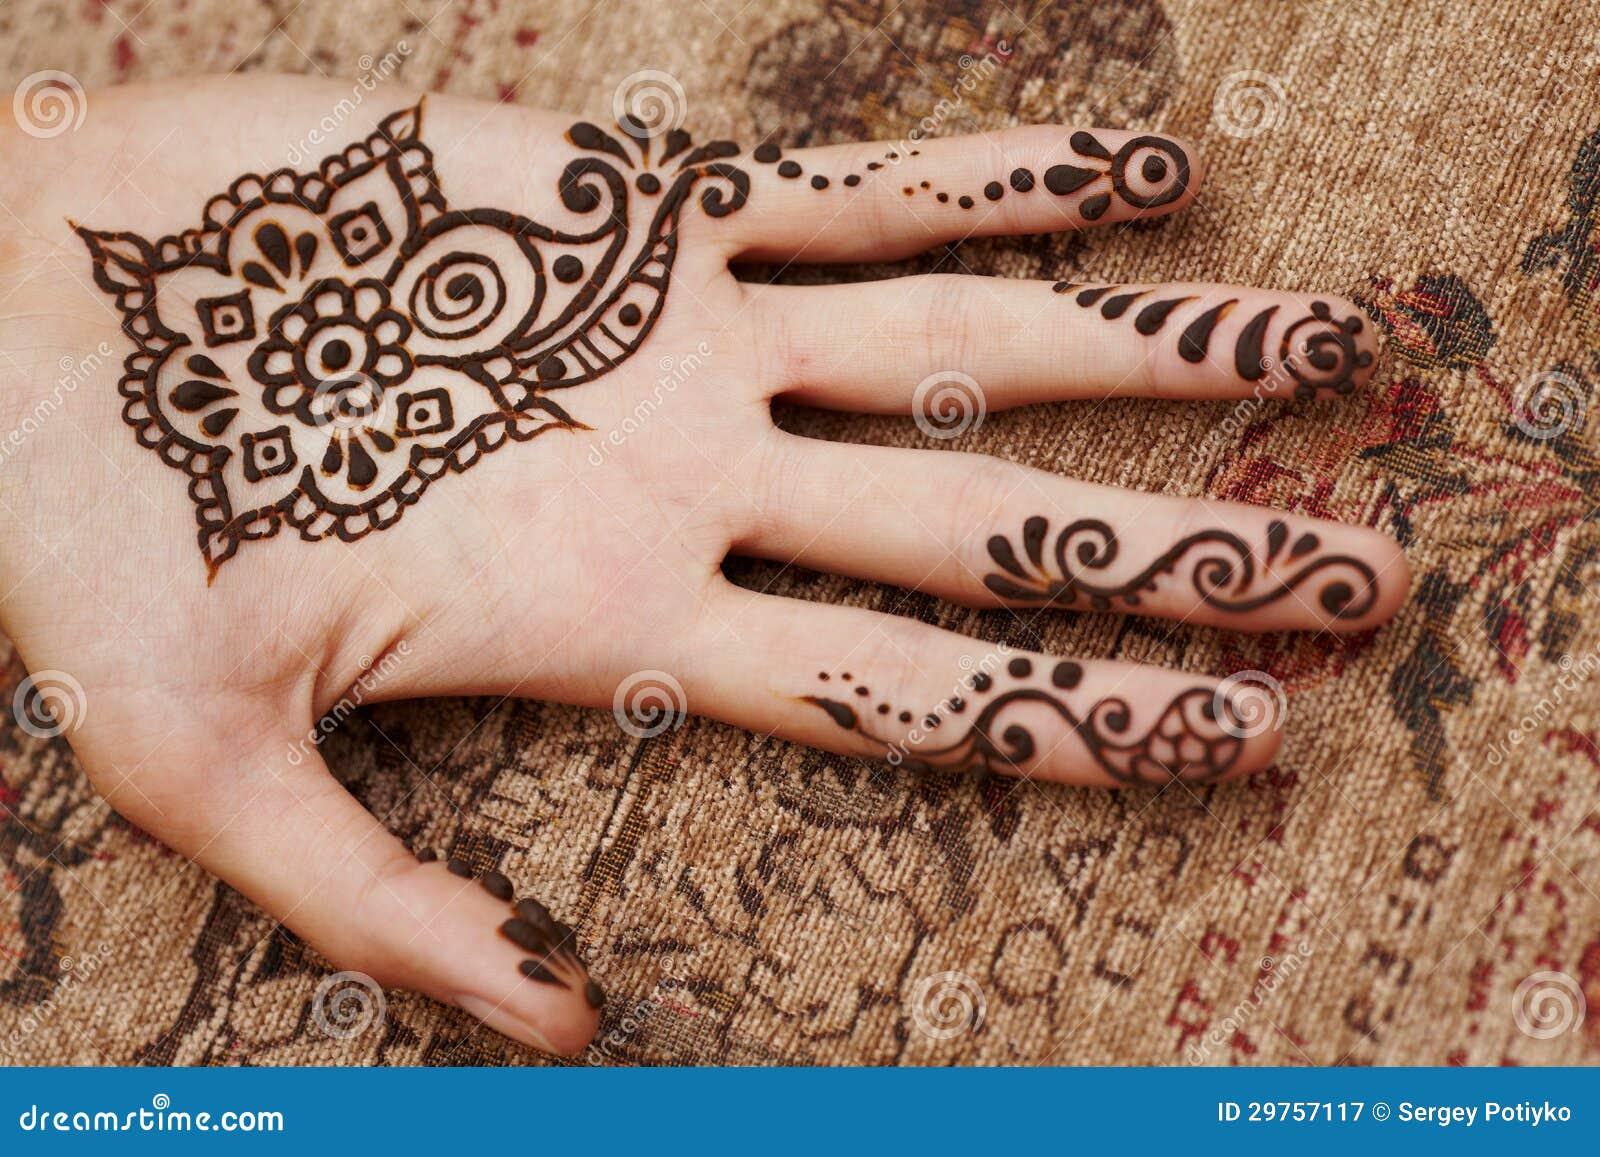 art de henn sur la main de la femme photographie stock libre de droits image 29757117. Black Bedroom Furniture Sets. Home Design Ideas